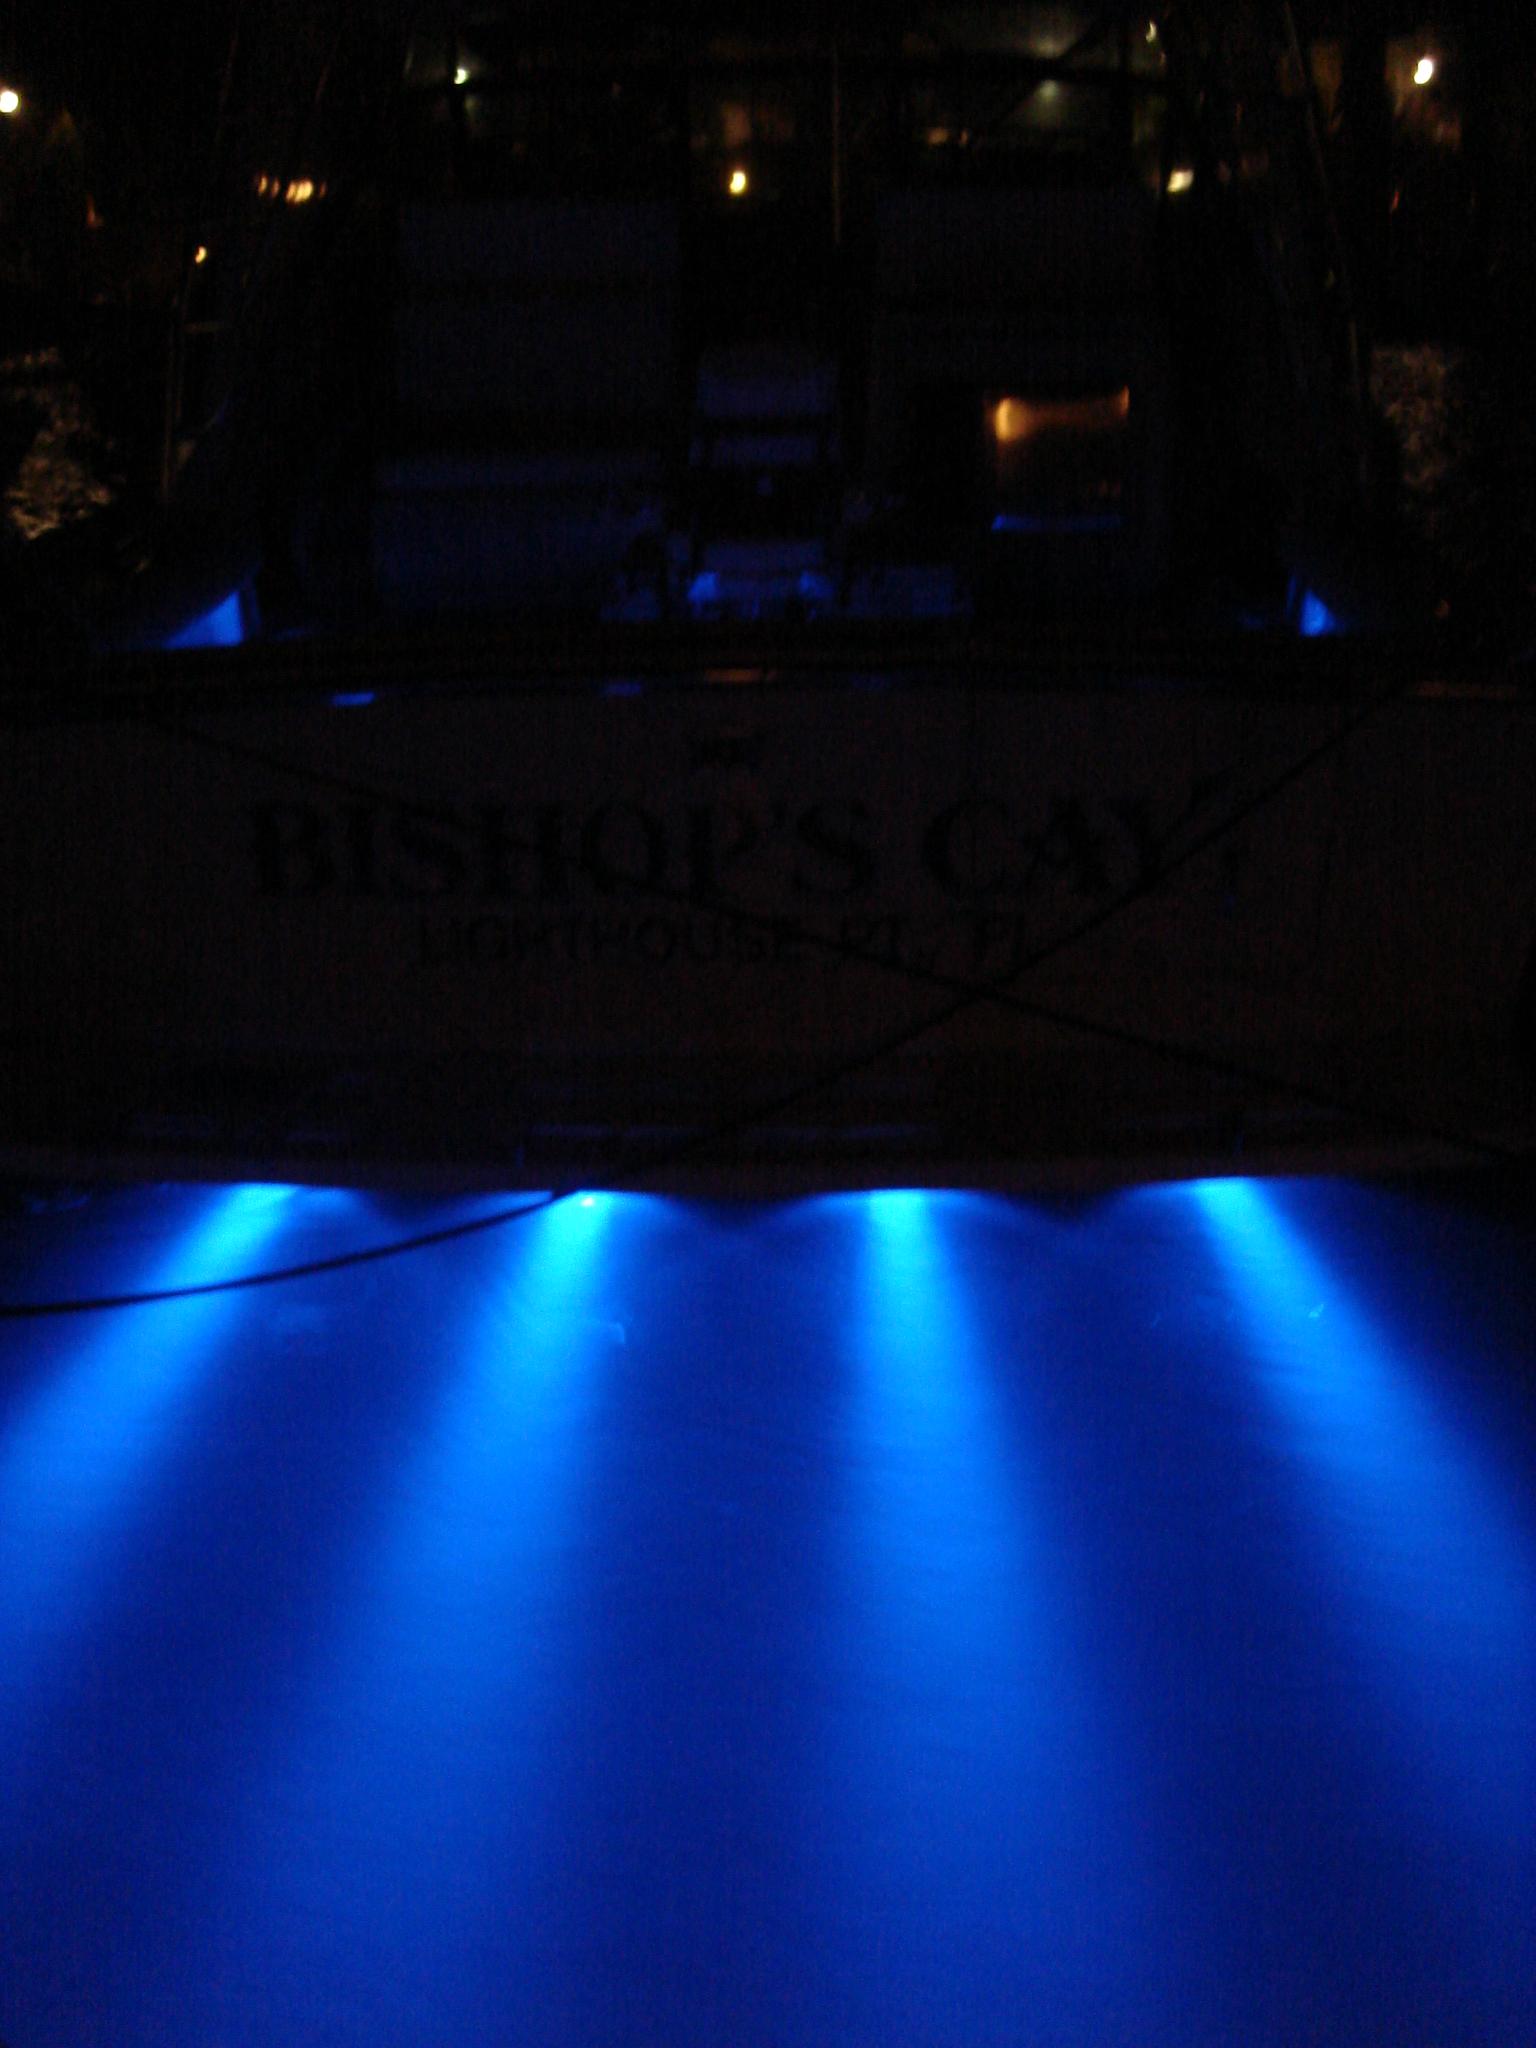 CoastalNightLights.com